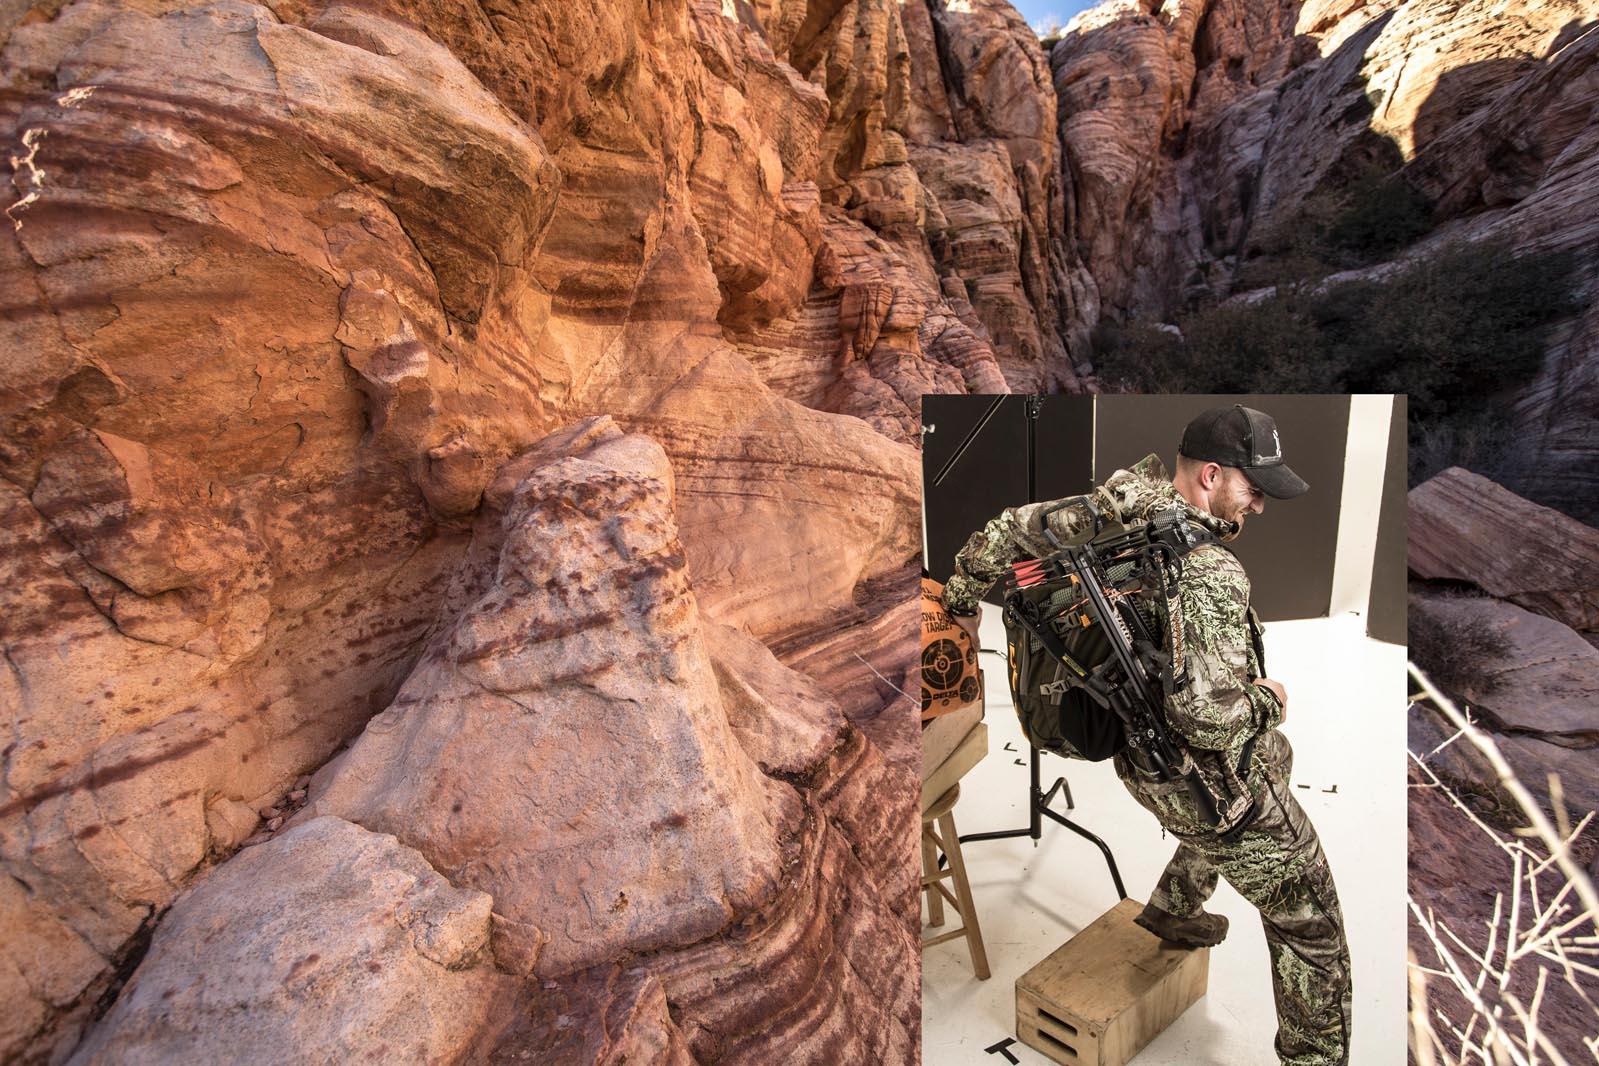 Man wearing gear climbing into a canyon before retouching